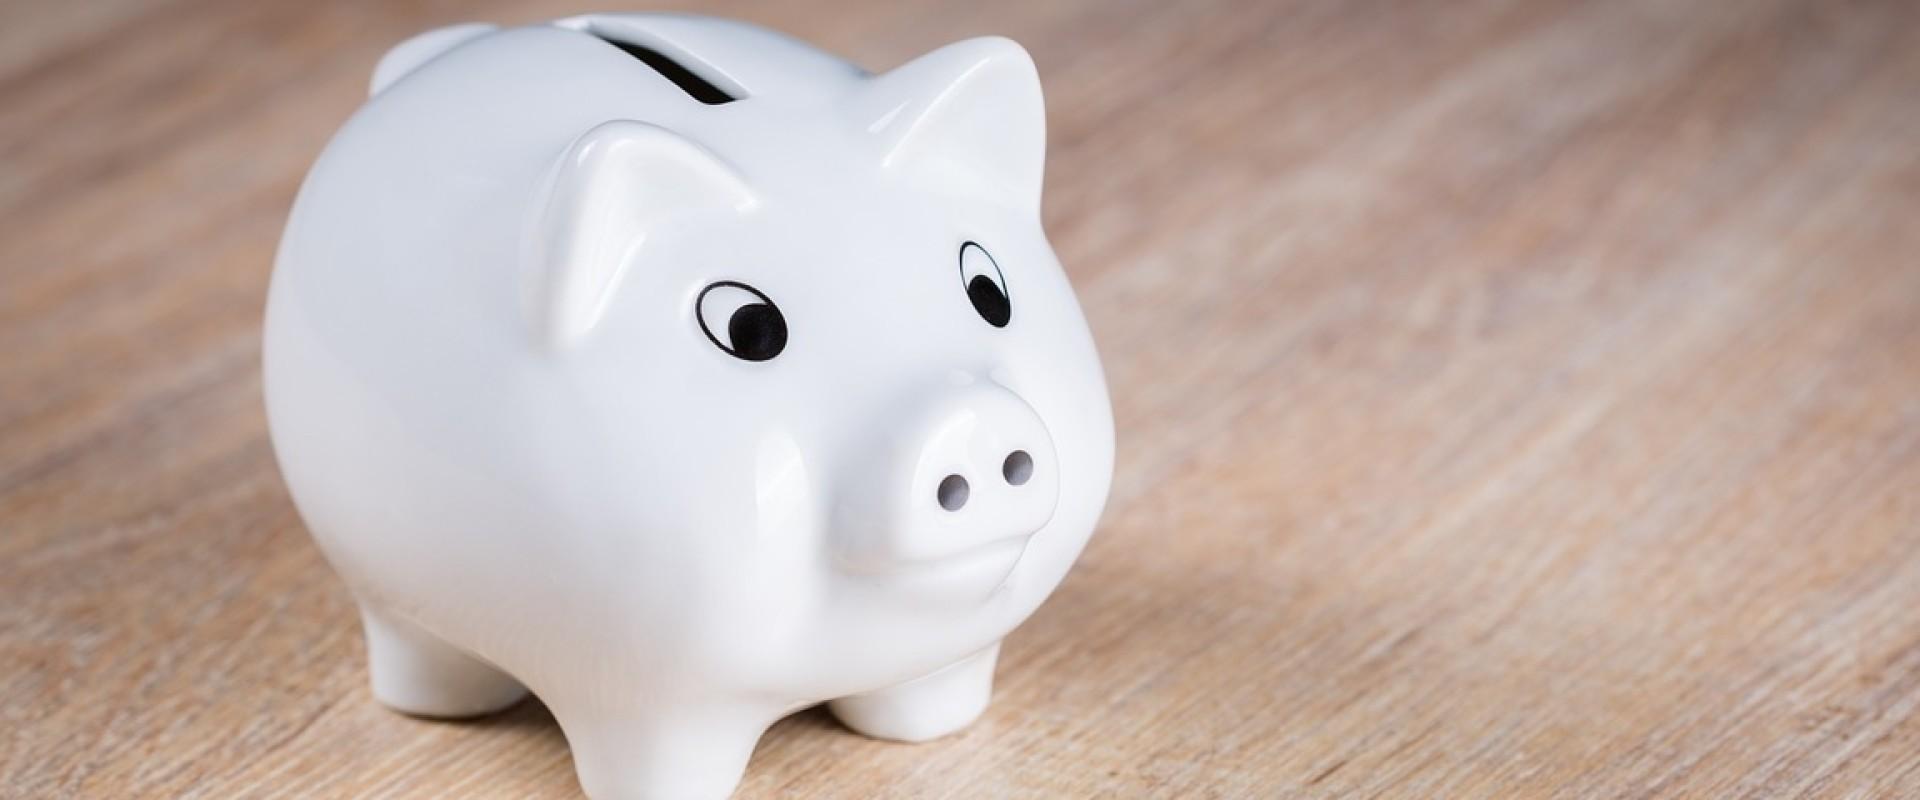 Profit first - Wat kan het voor jouw bedrijf betekenen?